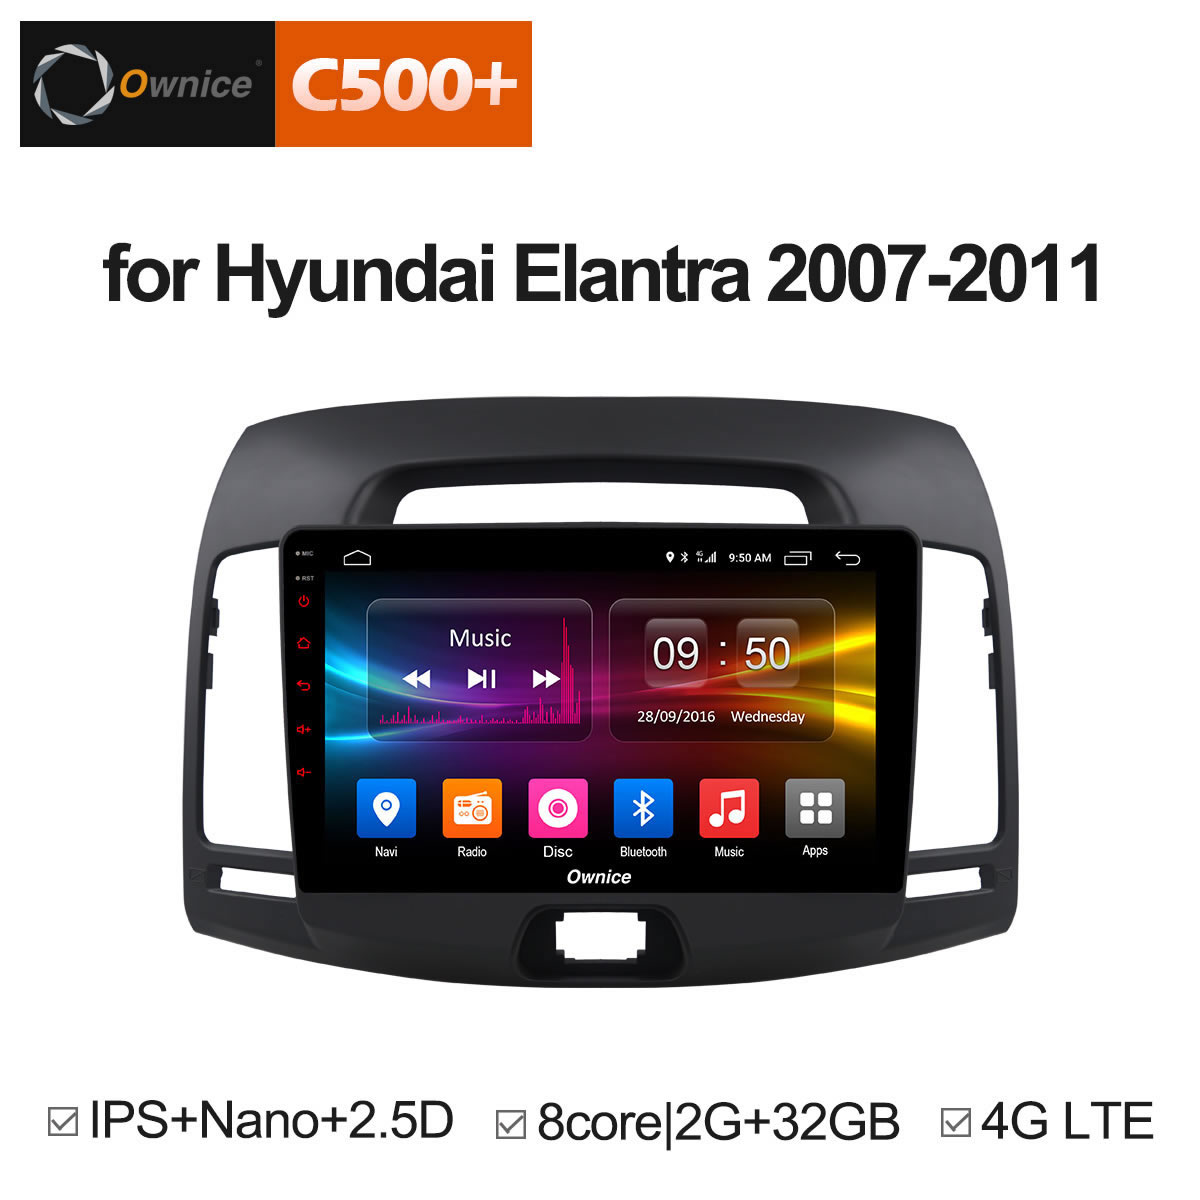 Ownice C500 + G10 Android 8.1 DVD de voiture lecteur multimédia pour Hyundai Elantra 2007-2011 GPS navi bluetooth radio 8 core 4g LTE DVR